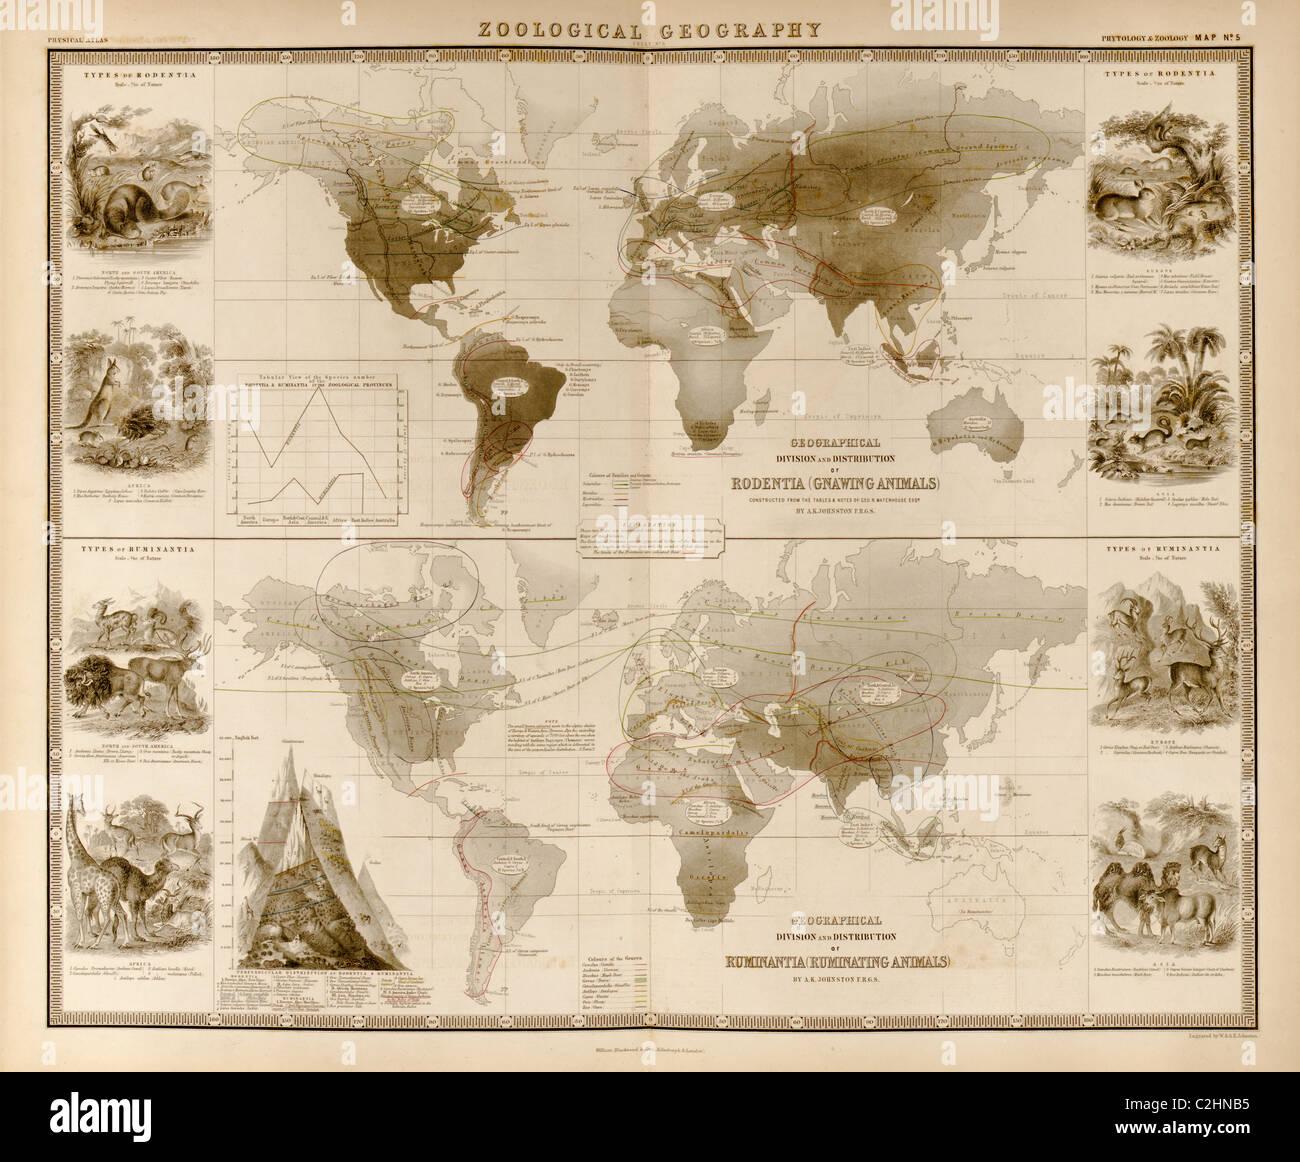 Zoologische Geographie; Wiederkäuer Stockbild